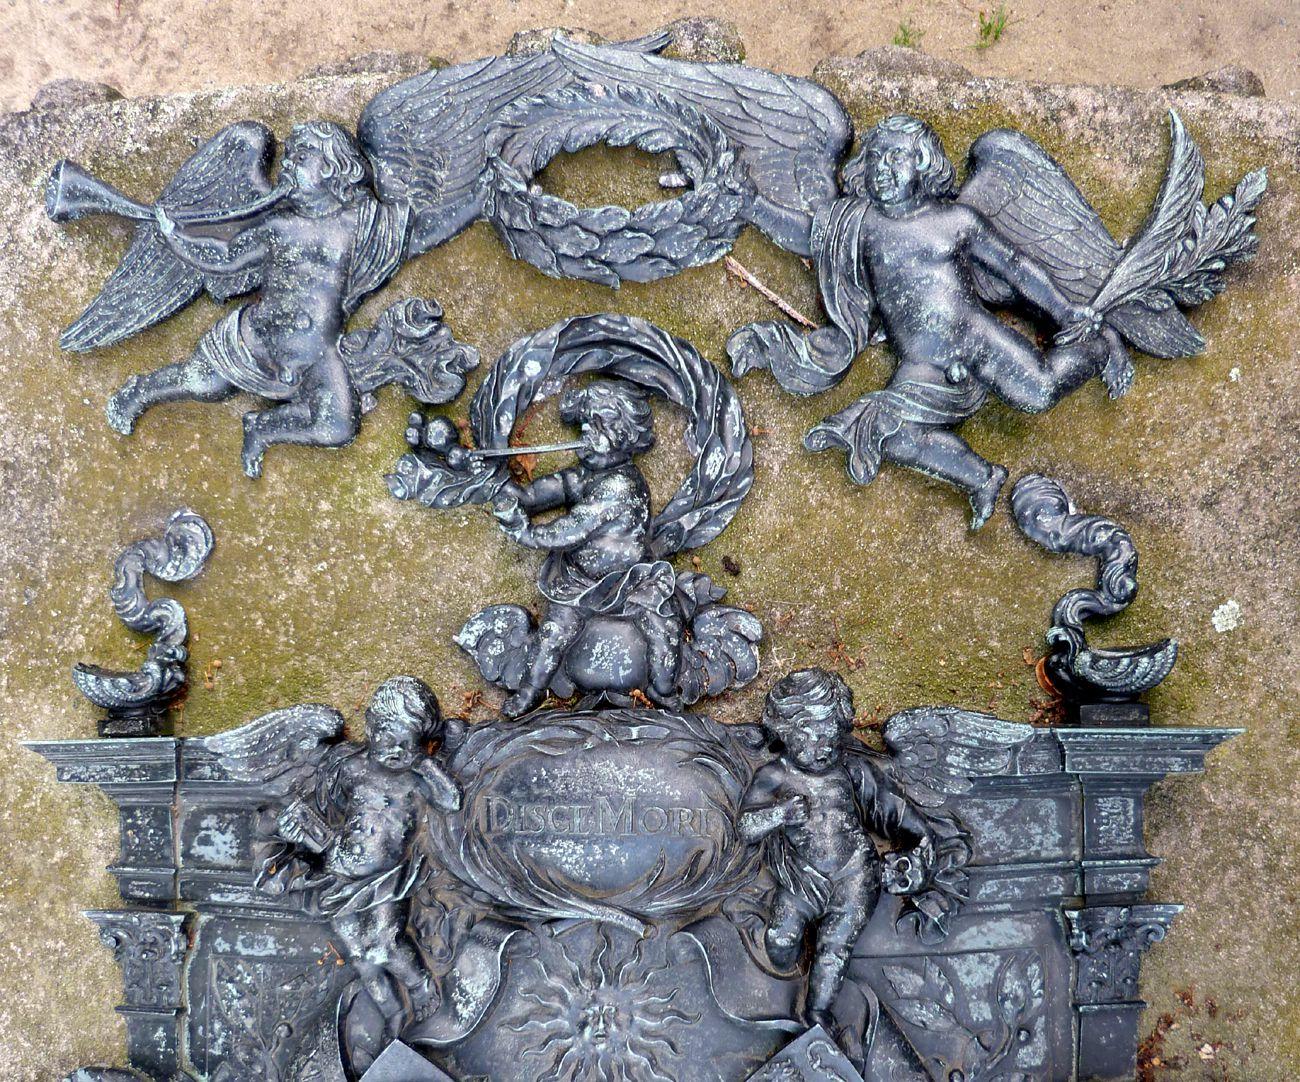 Epitaph des Andreas Georg Paumgarten bekrönende Engel mit Posaune bzw. Palmenzweig, darunter seifenblasender Putto